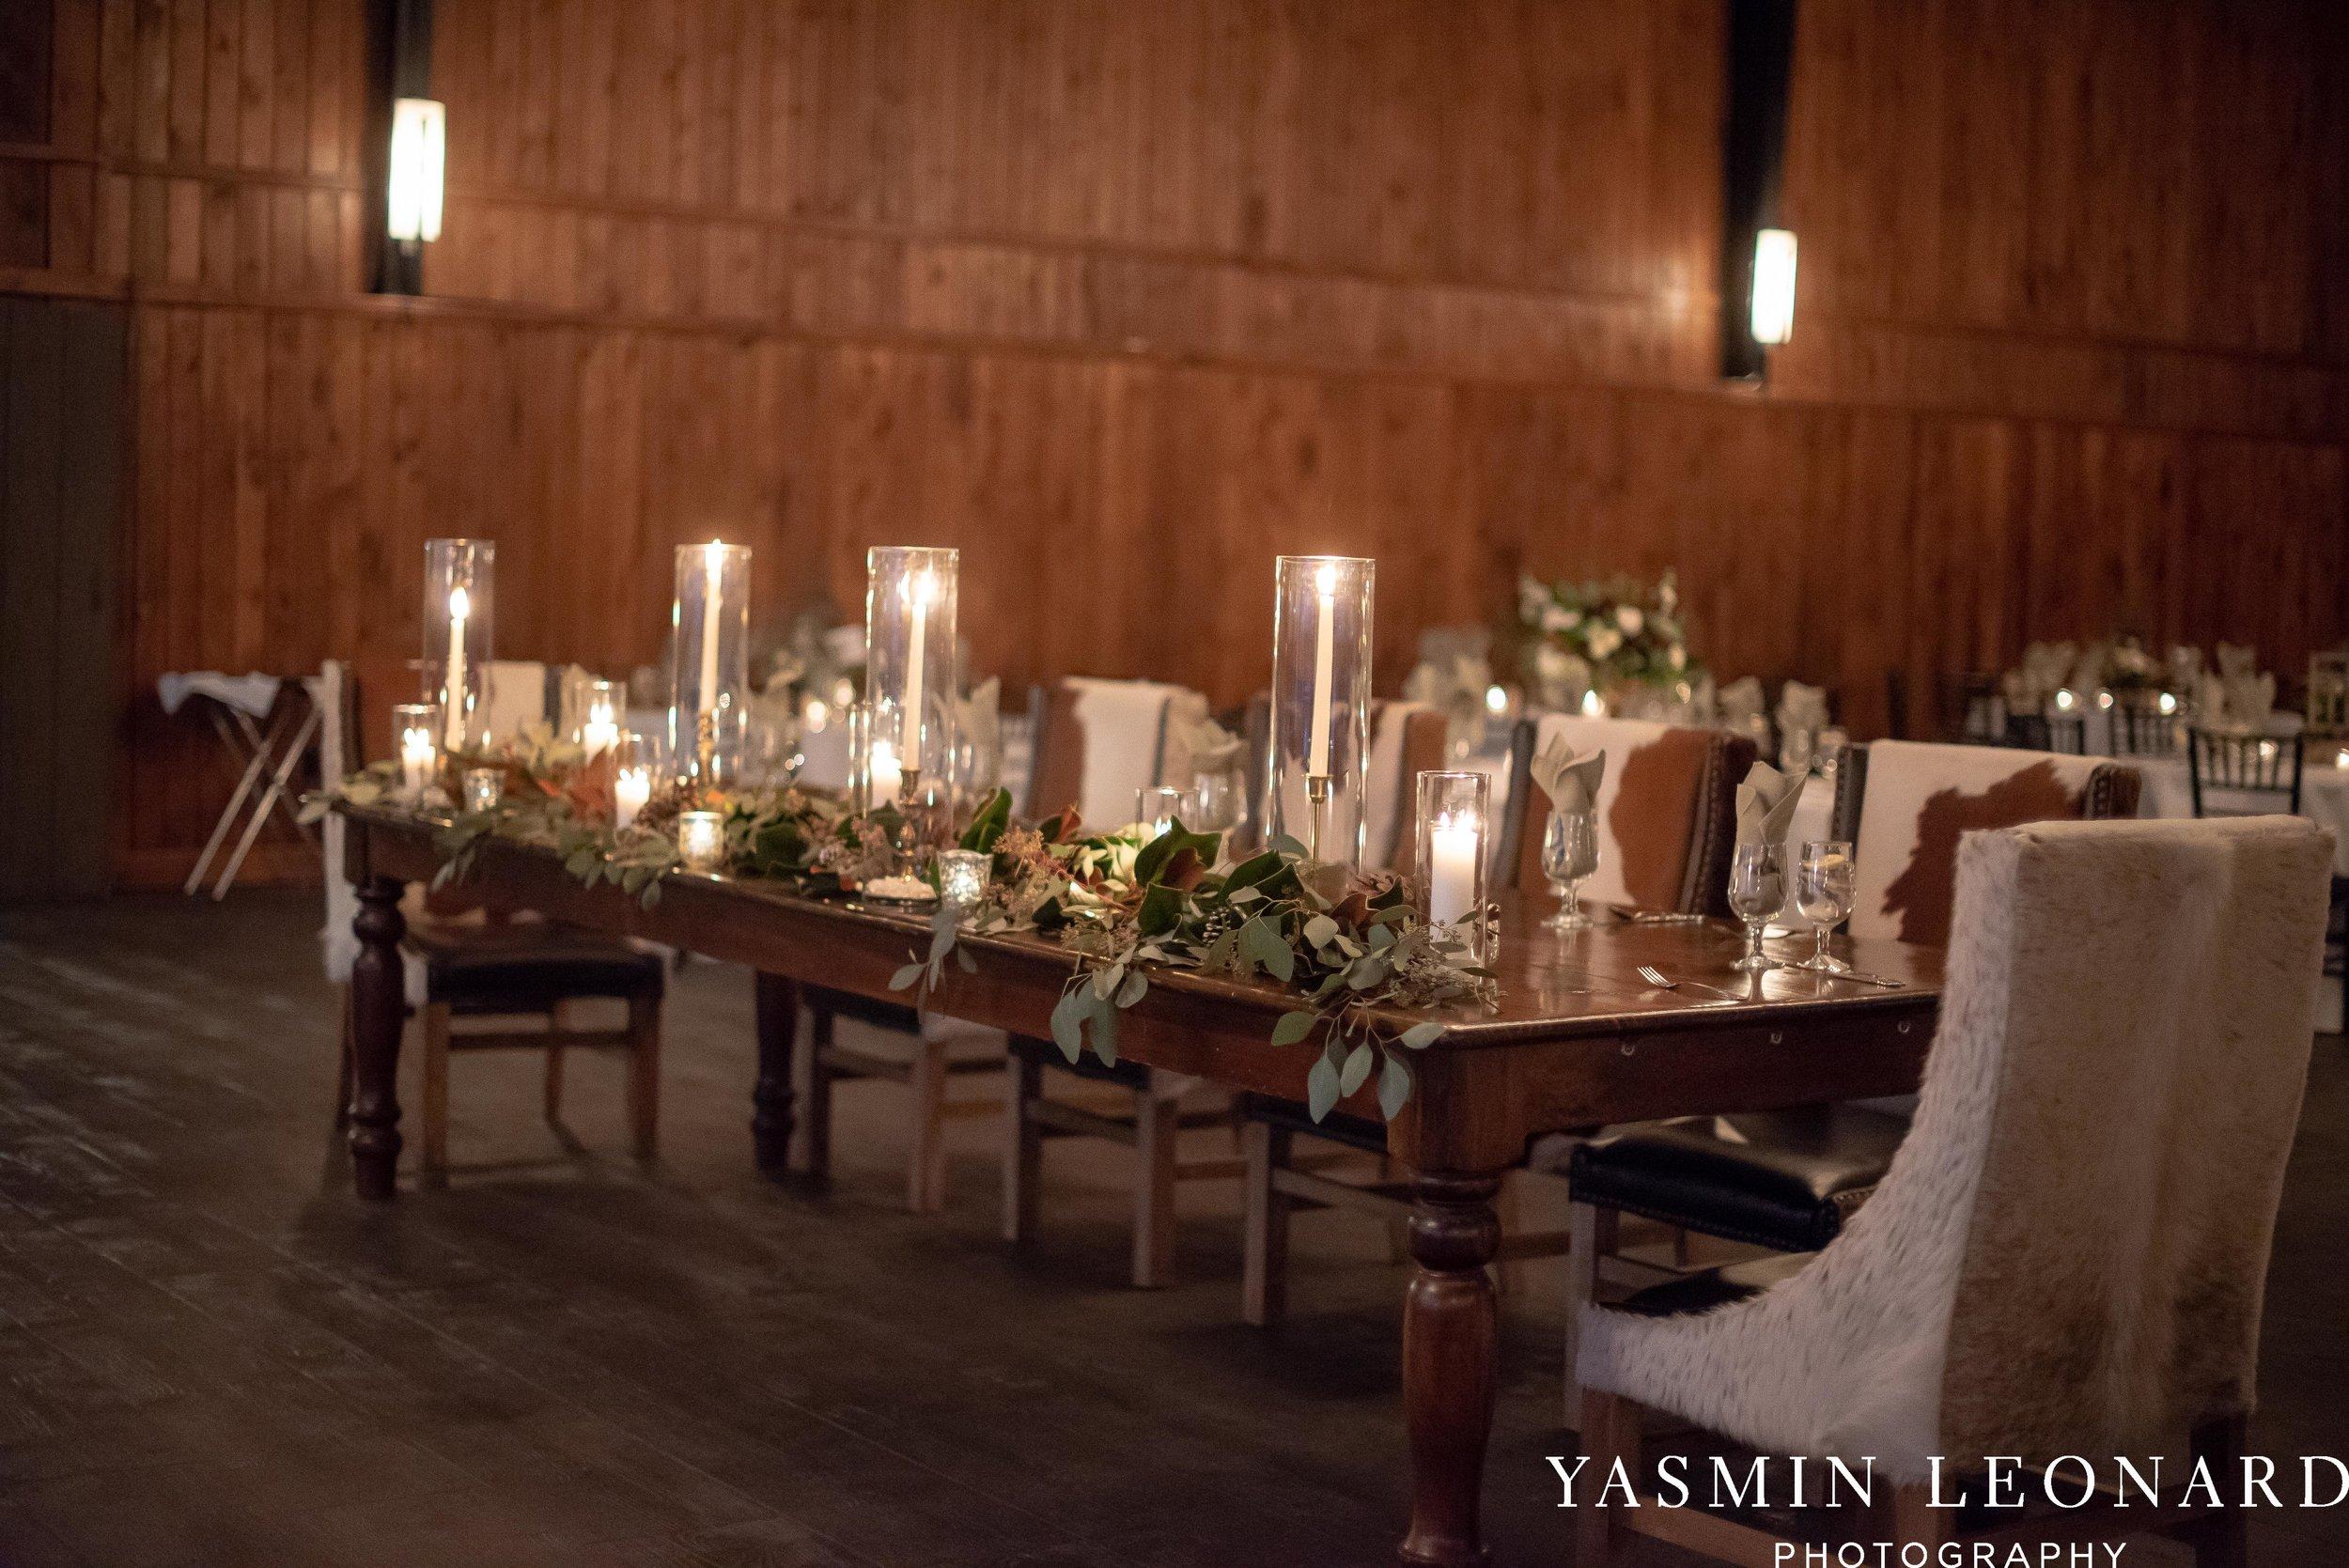 Adaumont Farm - Wesley Memorial Weddings - High Point Weddings - Just Priceless - NC Wedding Photographer - Yasmin Leonard Photography - High Point Wedding Vendors-55.jpg